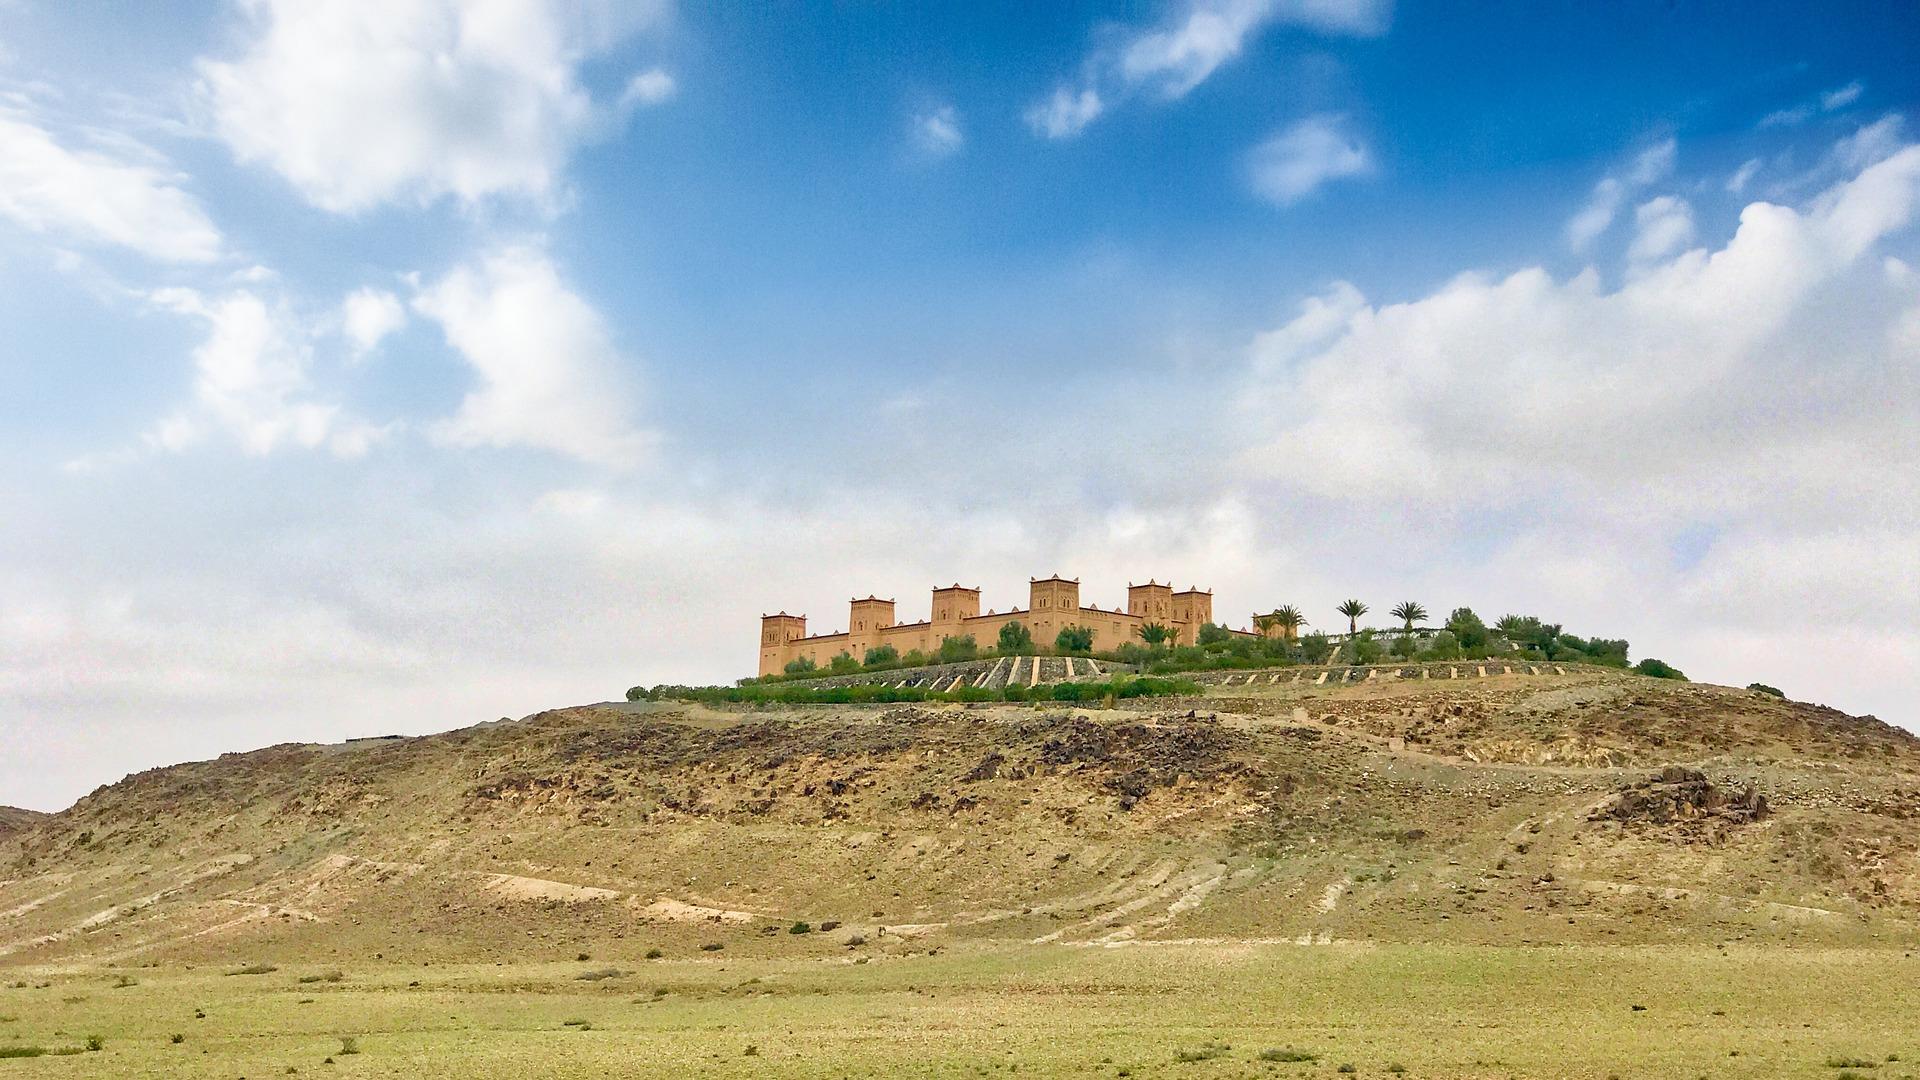 Palast im Marokko